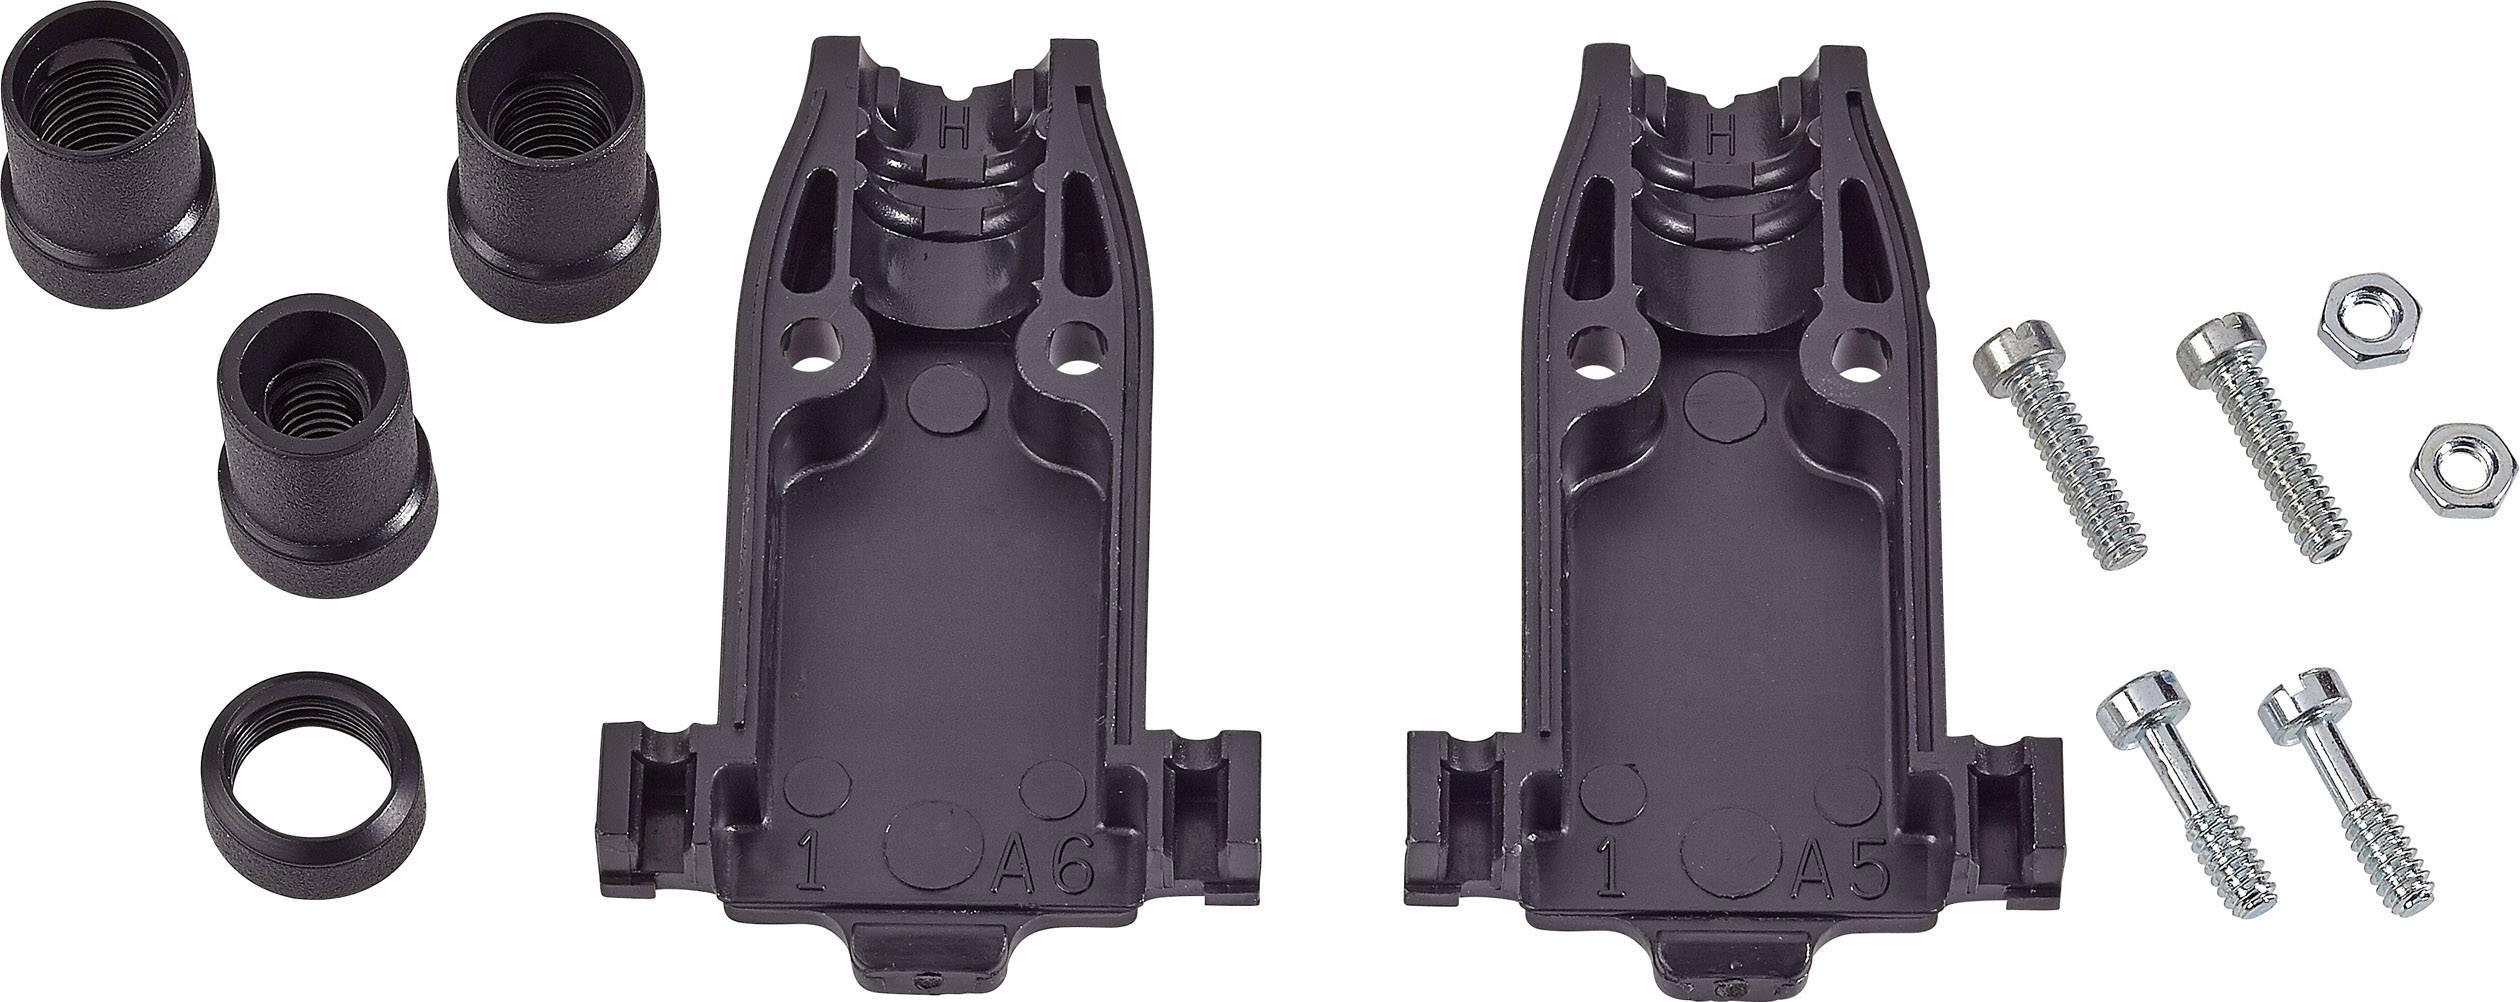 D-SUB pouzdro TE Connectivity AMPLIMITE HD-20 (HDP-20), pólů: 15, ABS, 180 °, stříbrná, 1 ks